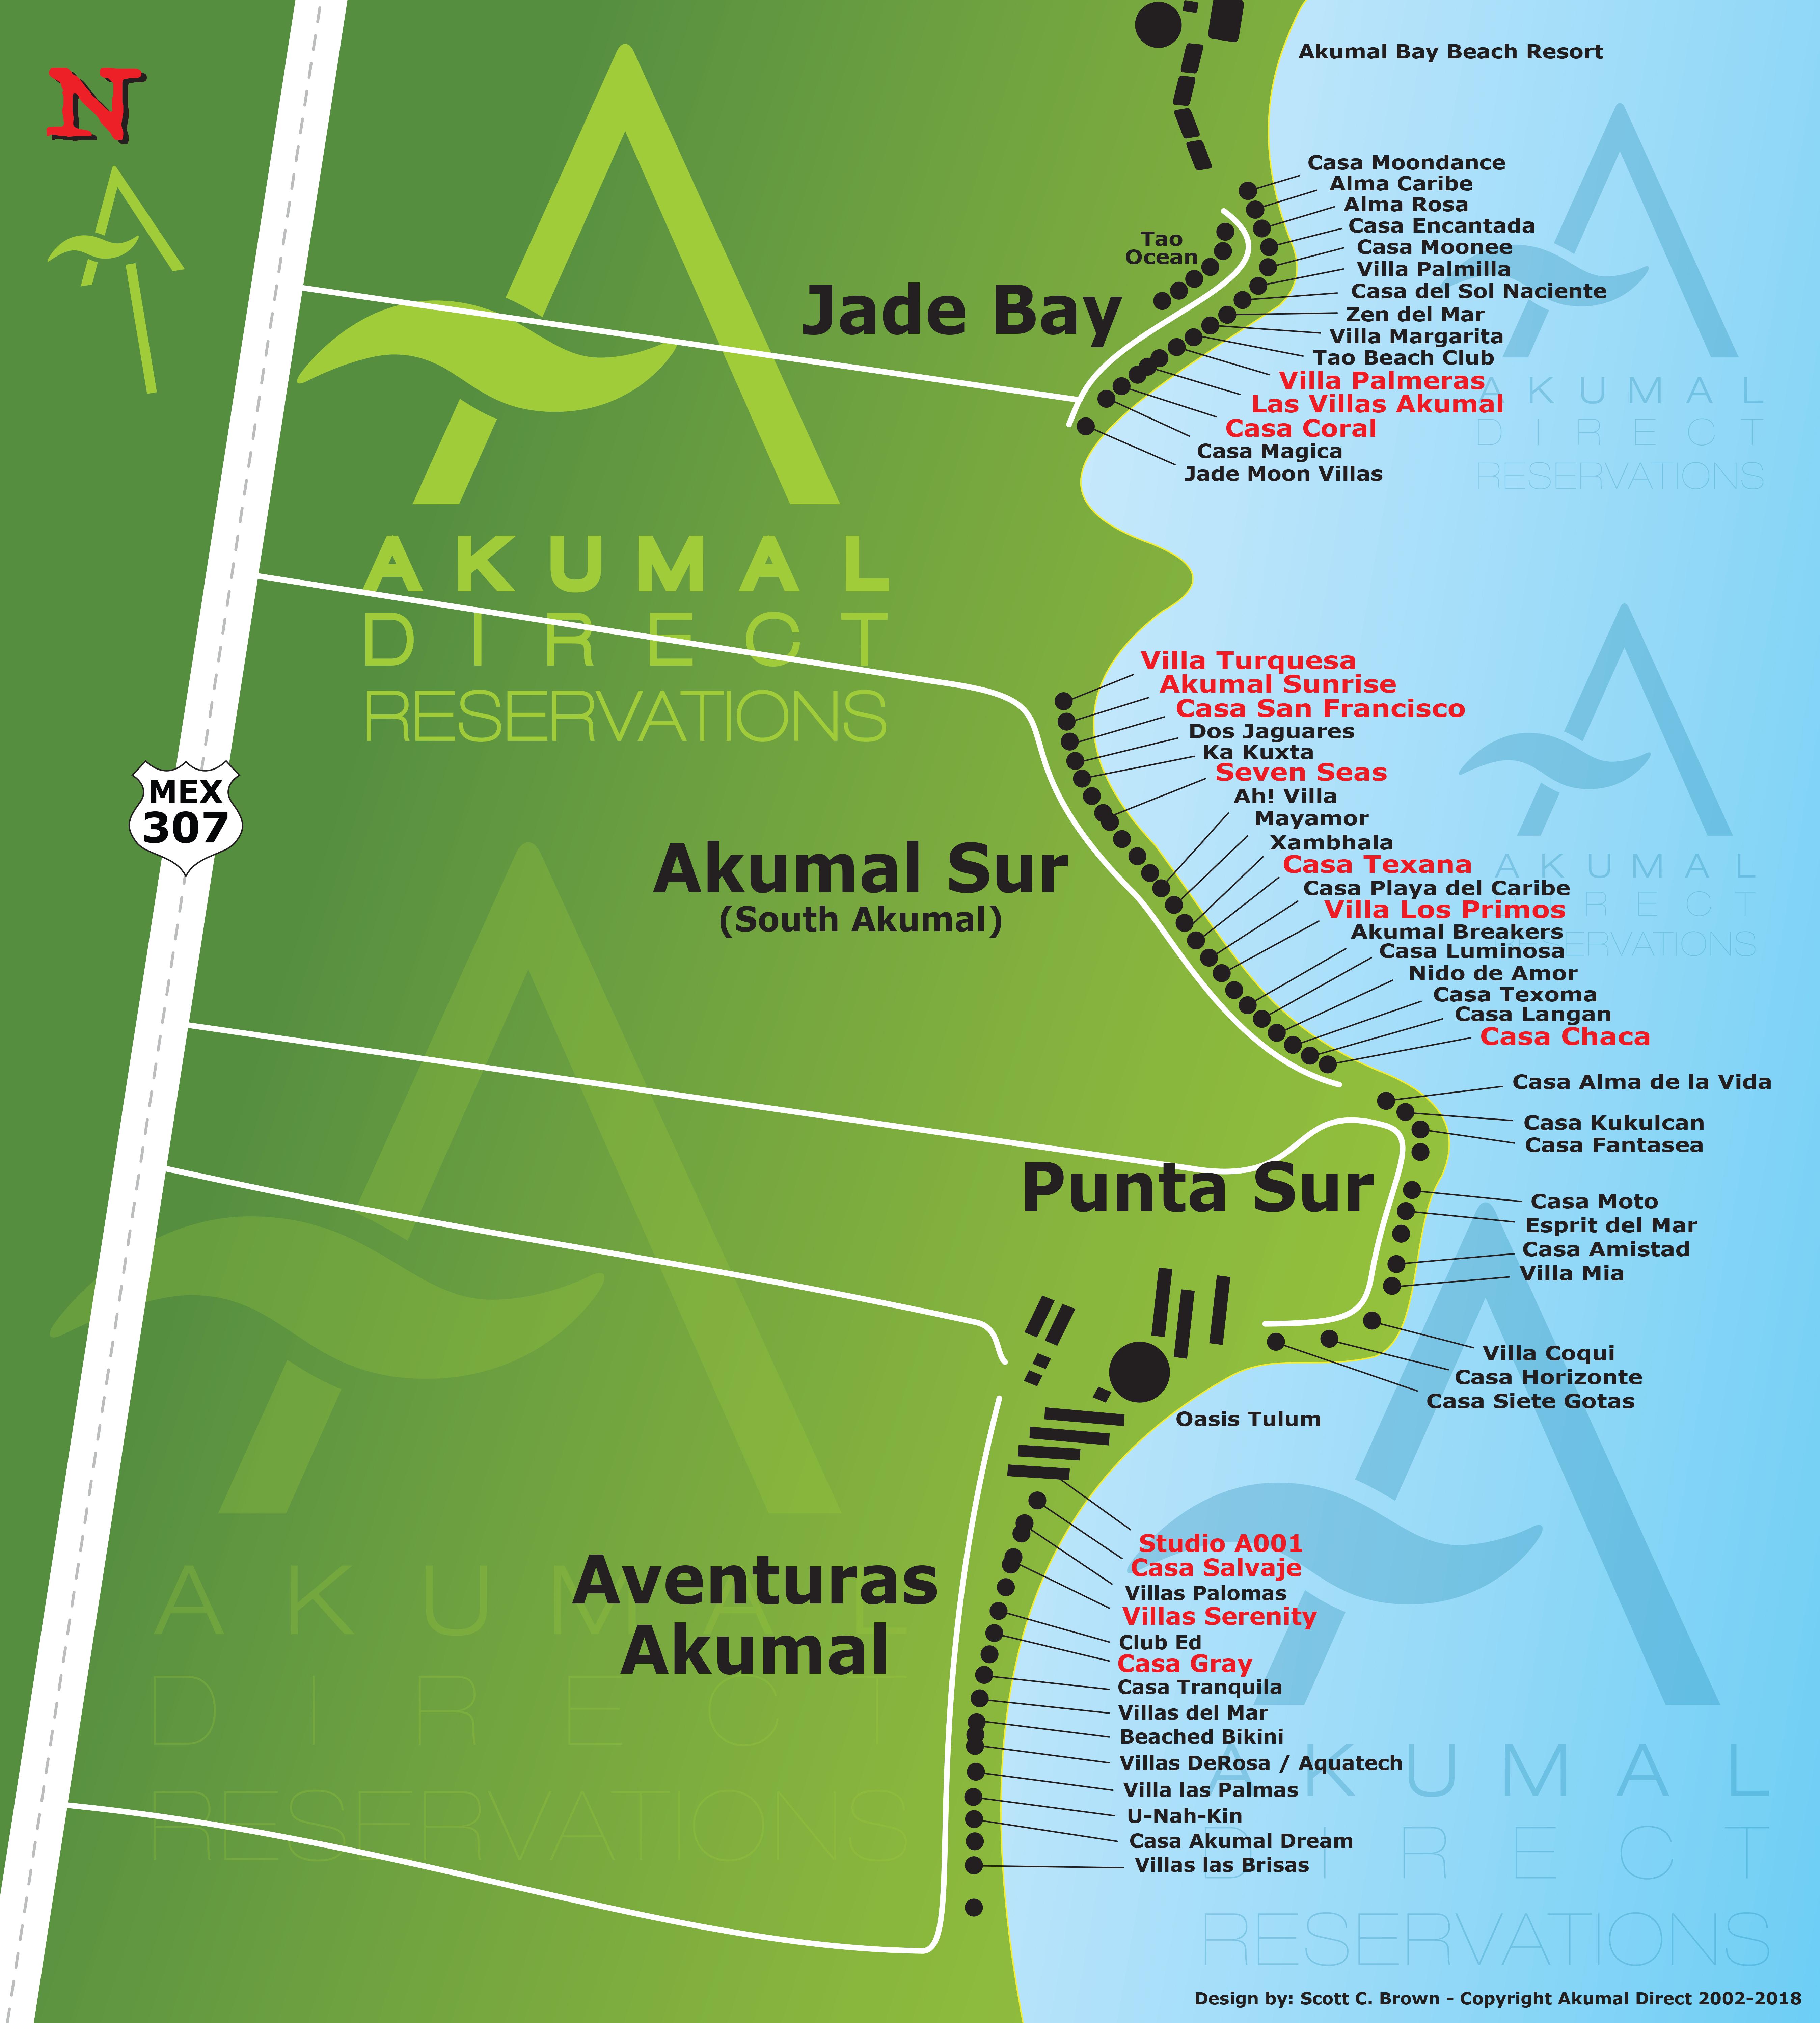 Maps | Akumal Direct